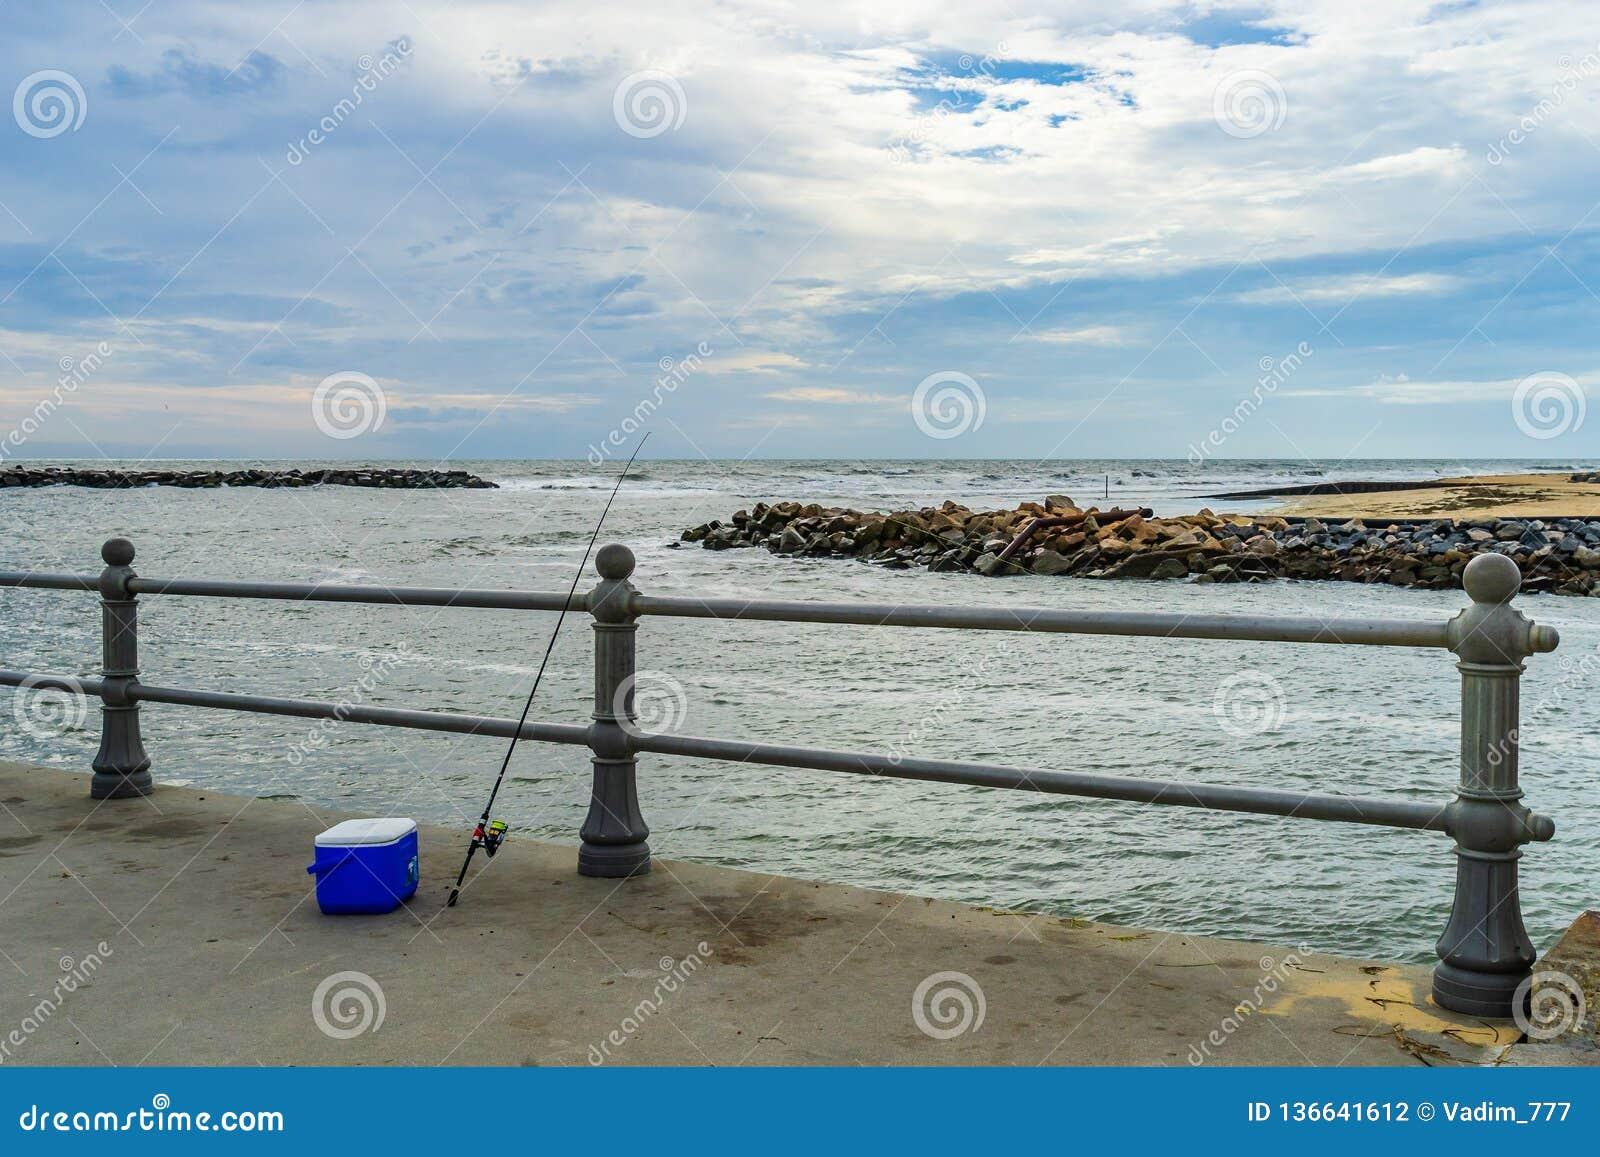 Virginia Beach Boardwalk, Virginia Beach parque de los E.E.U.U. - 12 de septiembre de 2017 isla del ojal